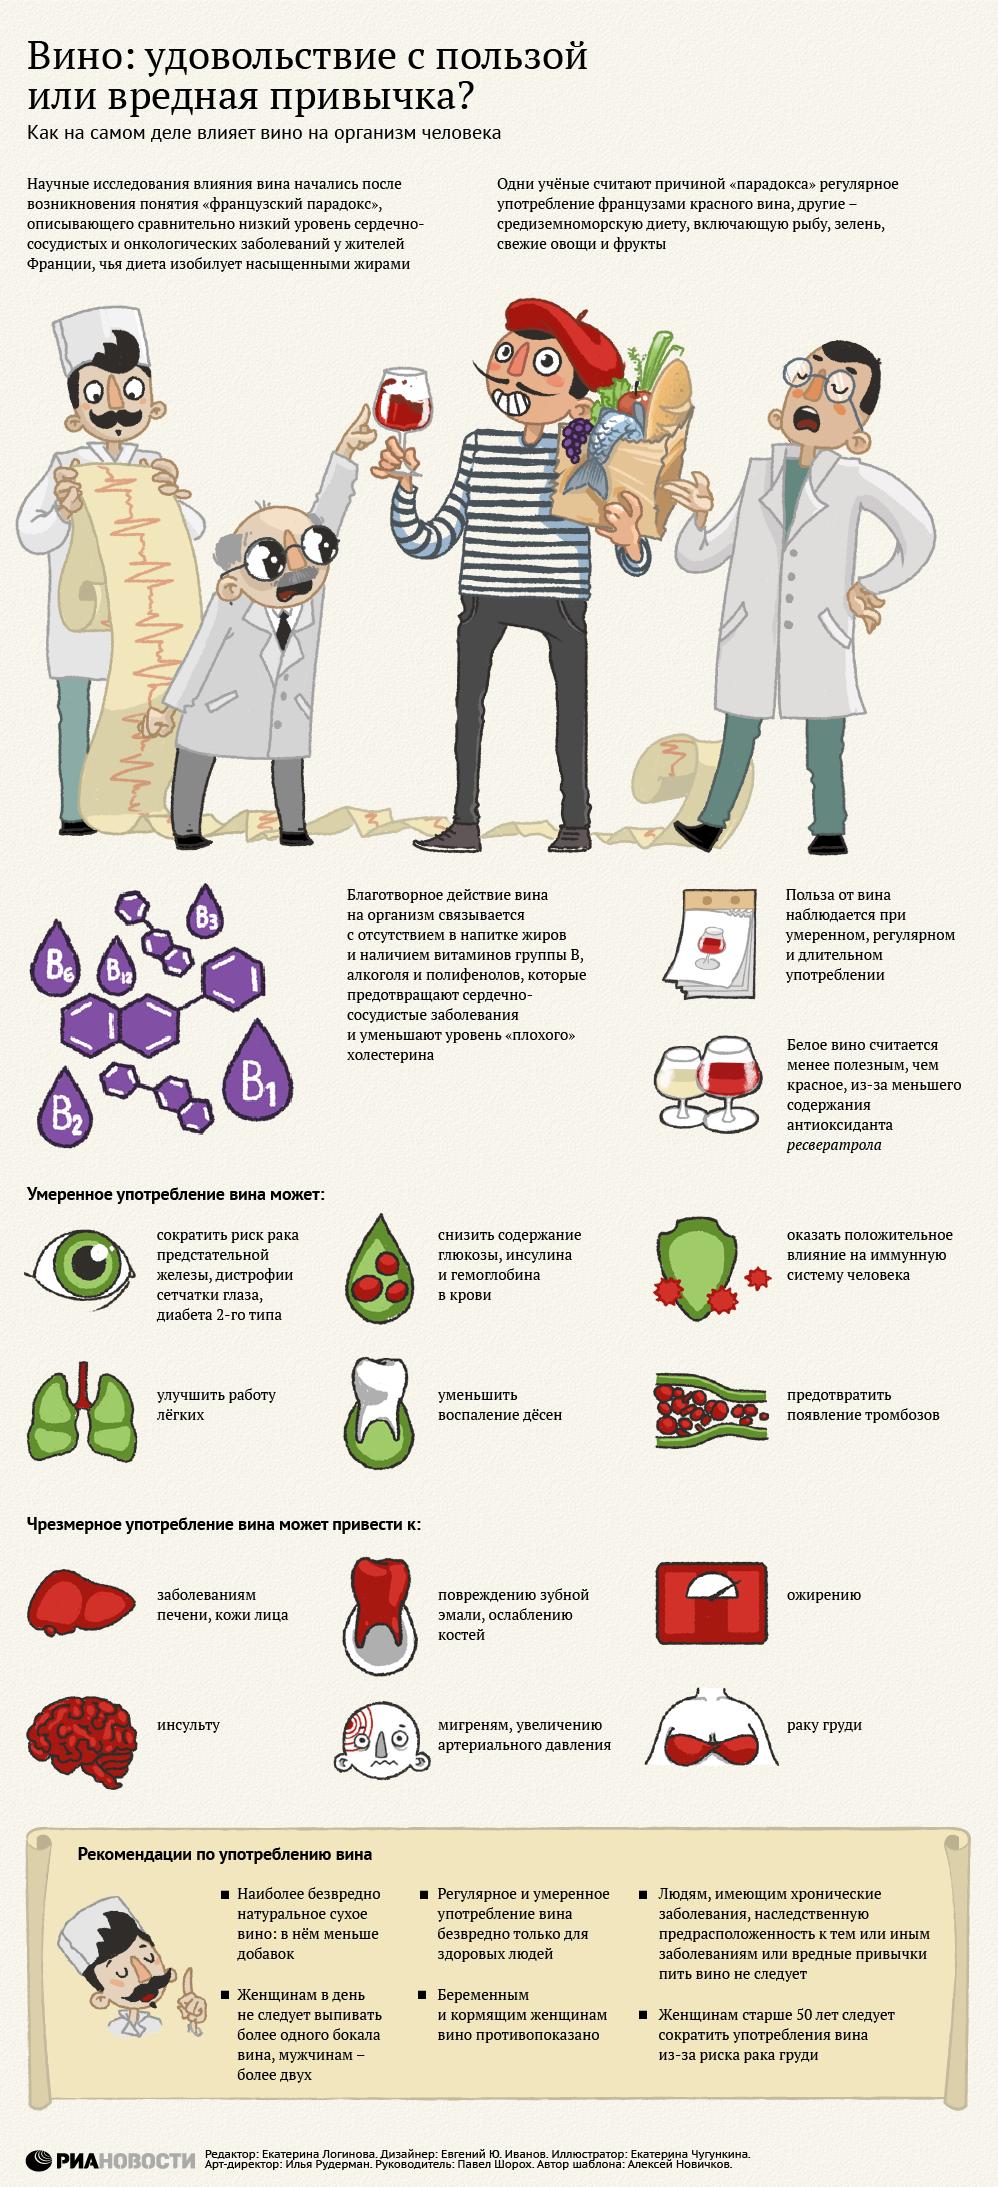 Вино: удовольствие с пользой или вредная привычка? - Sputnik Узбекистан